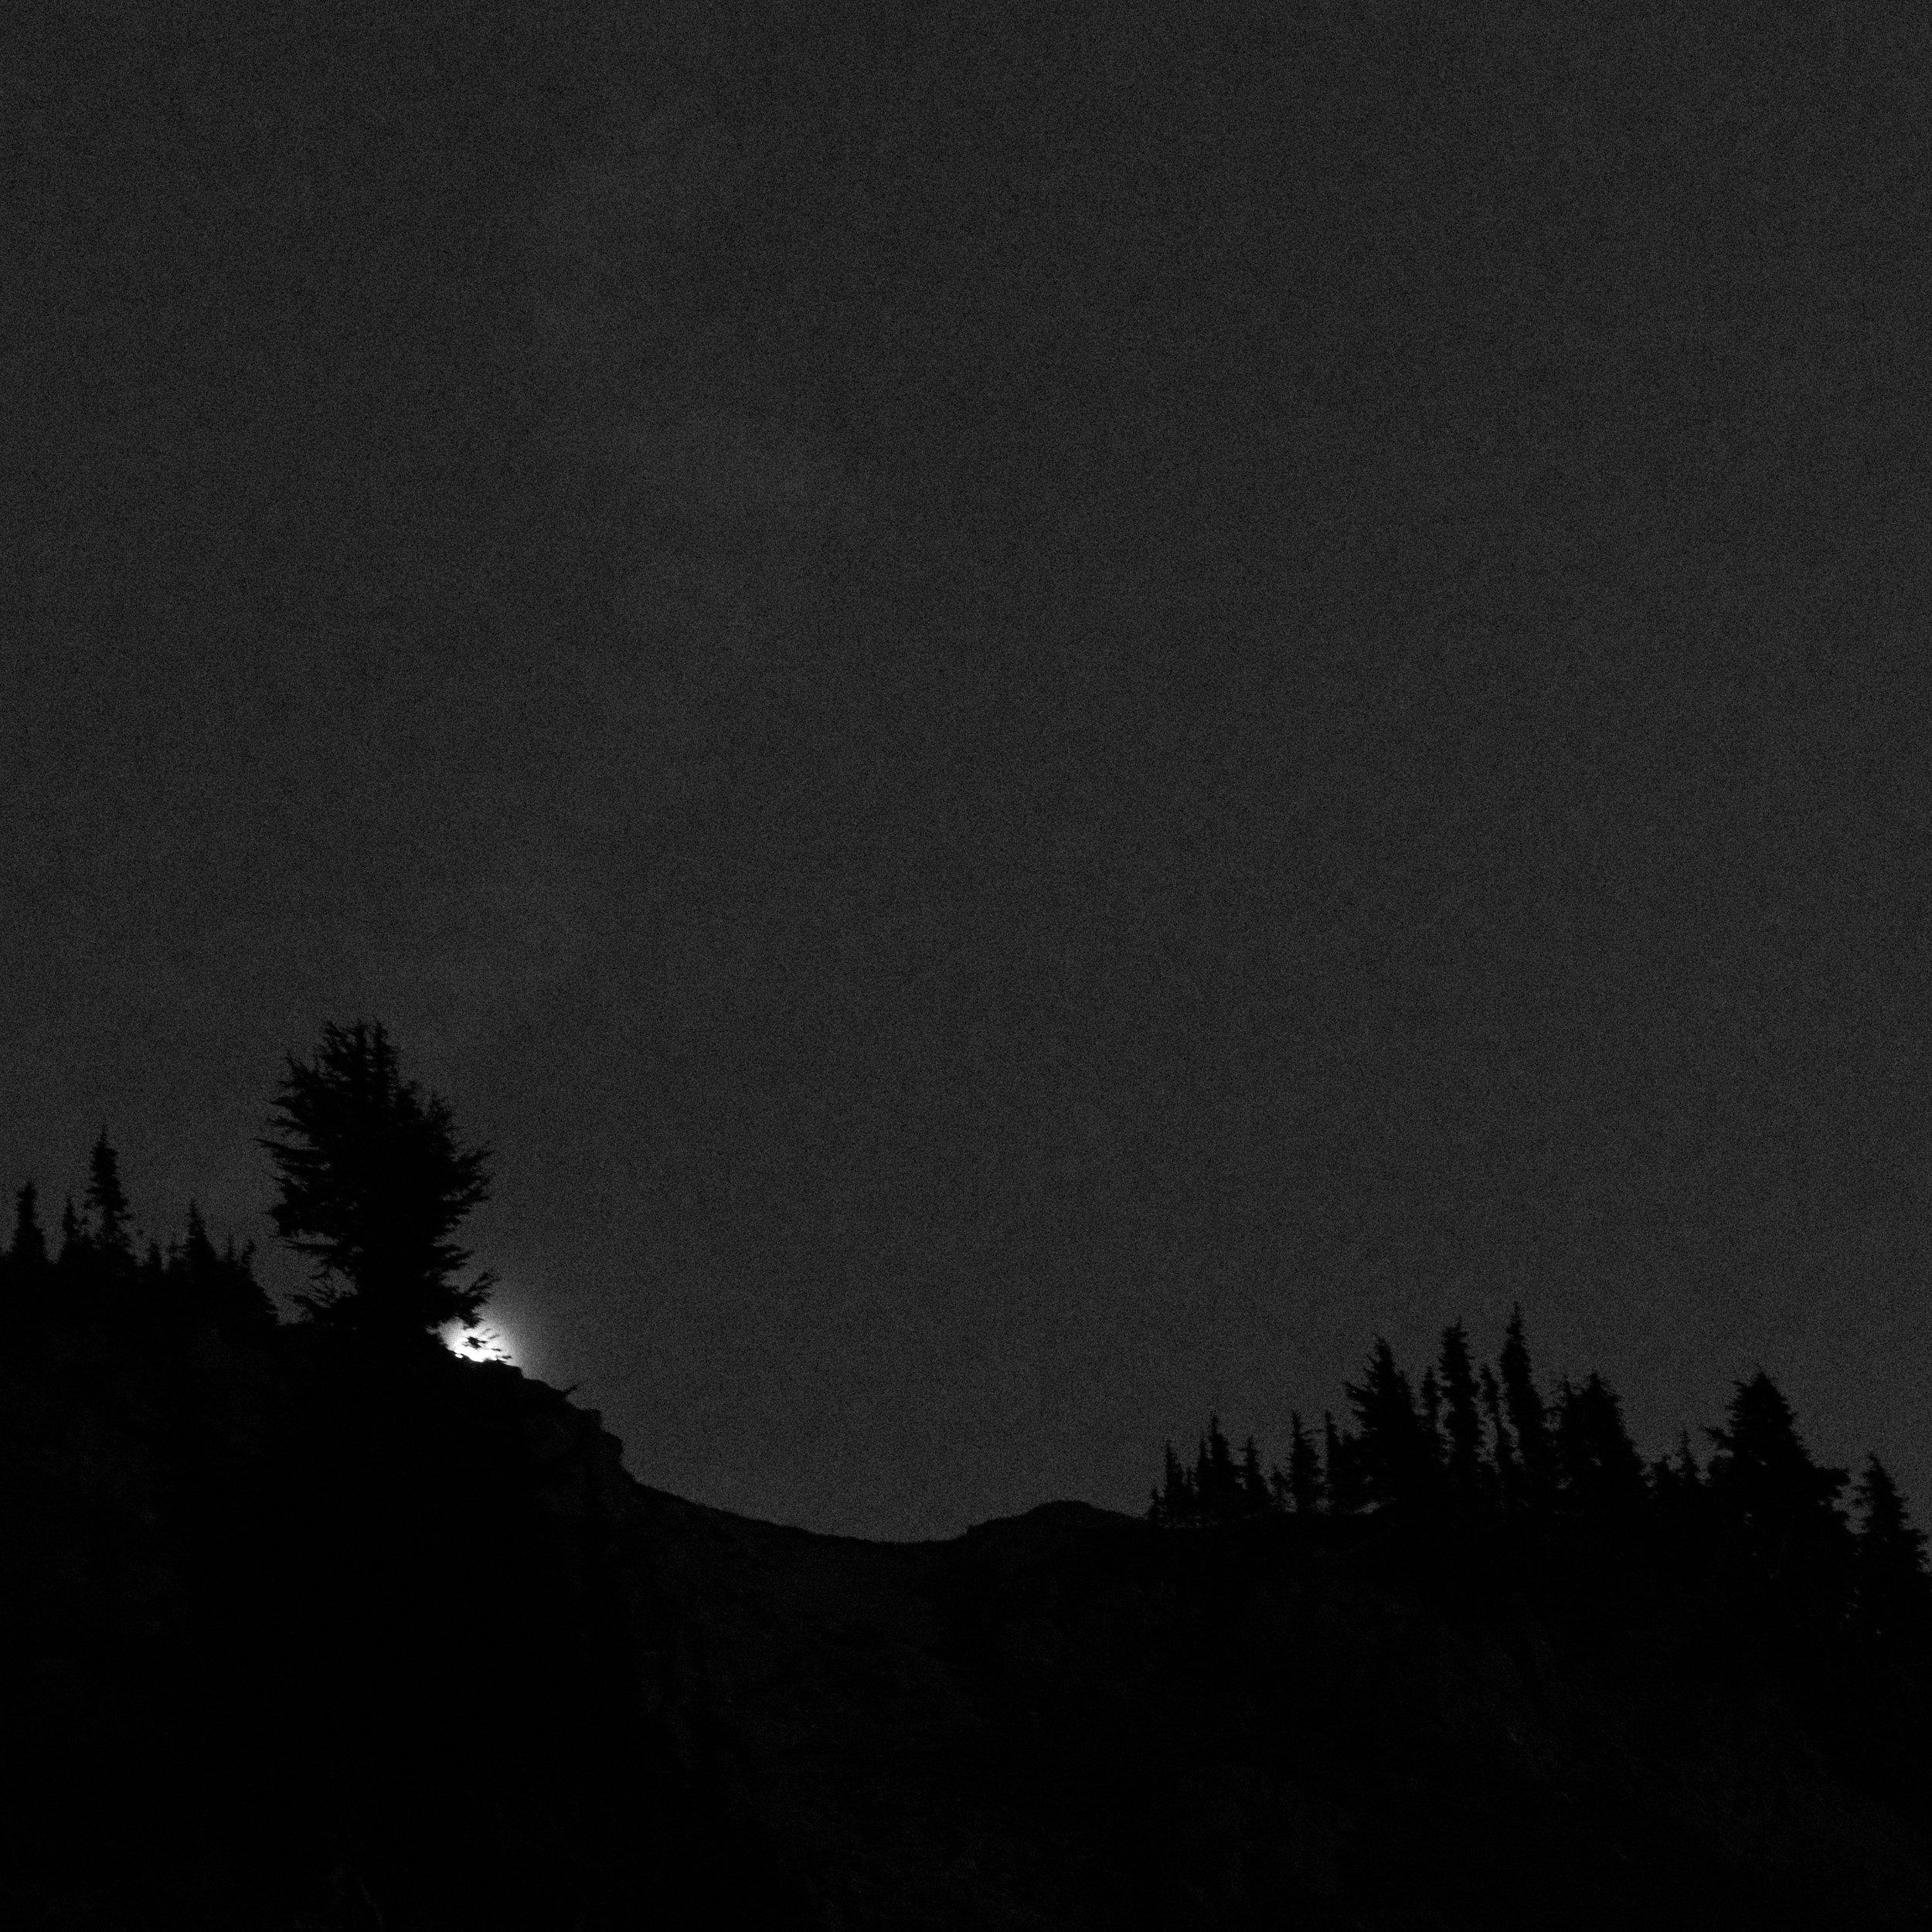 Moonrise, Goat Rocks Wilderness, August 2016